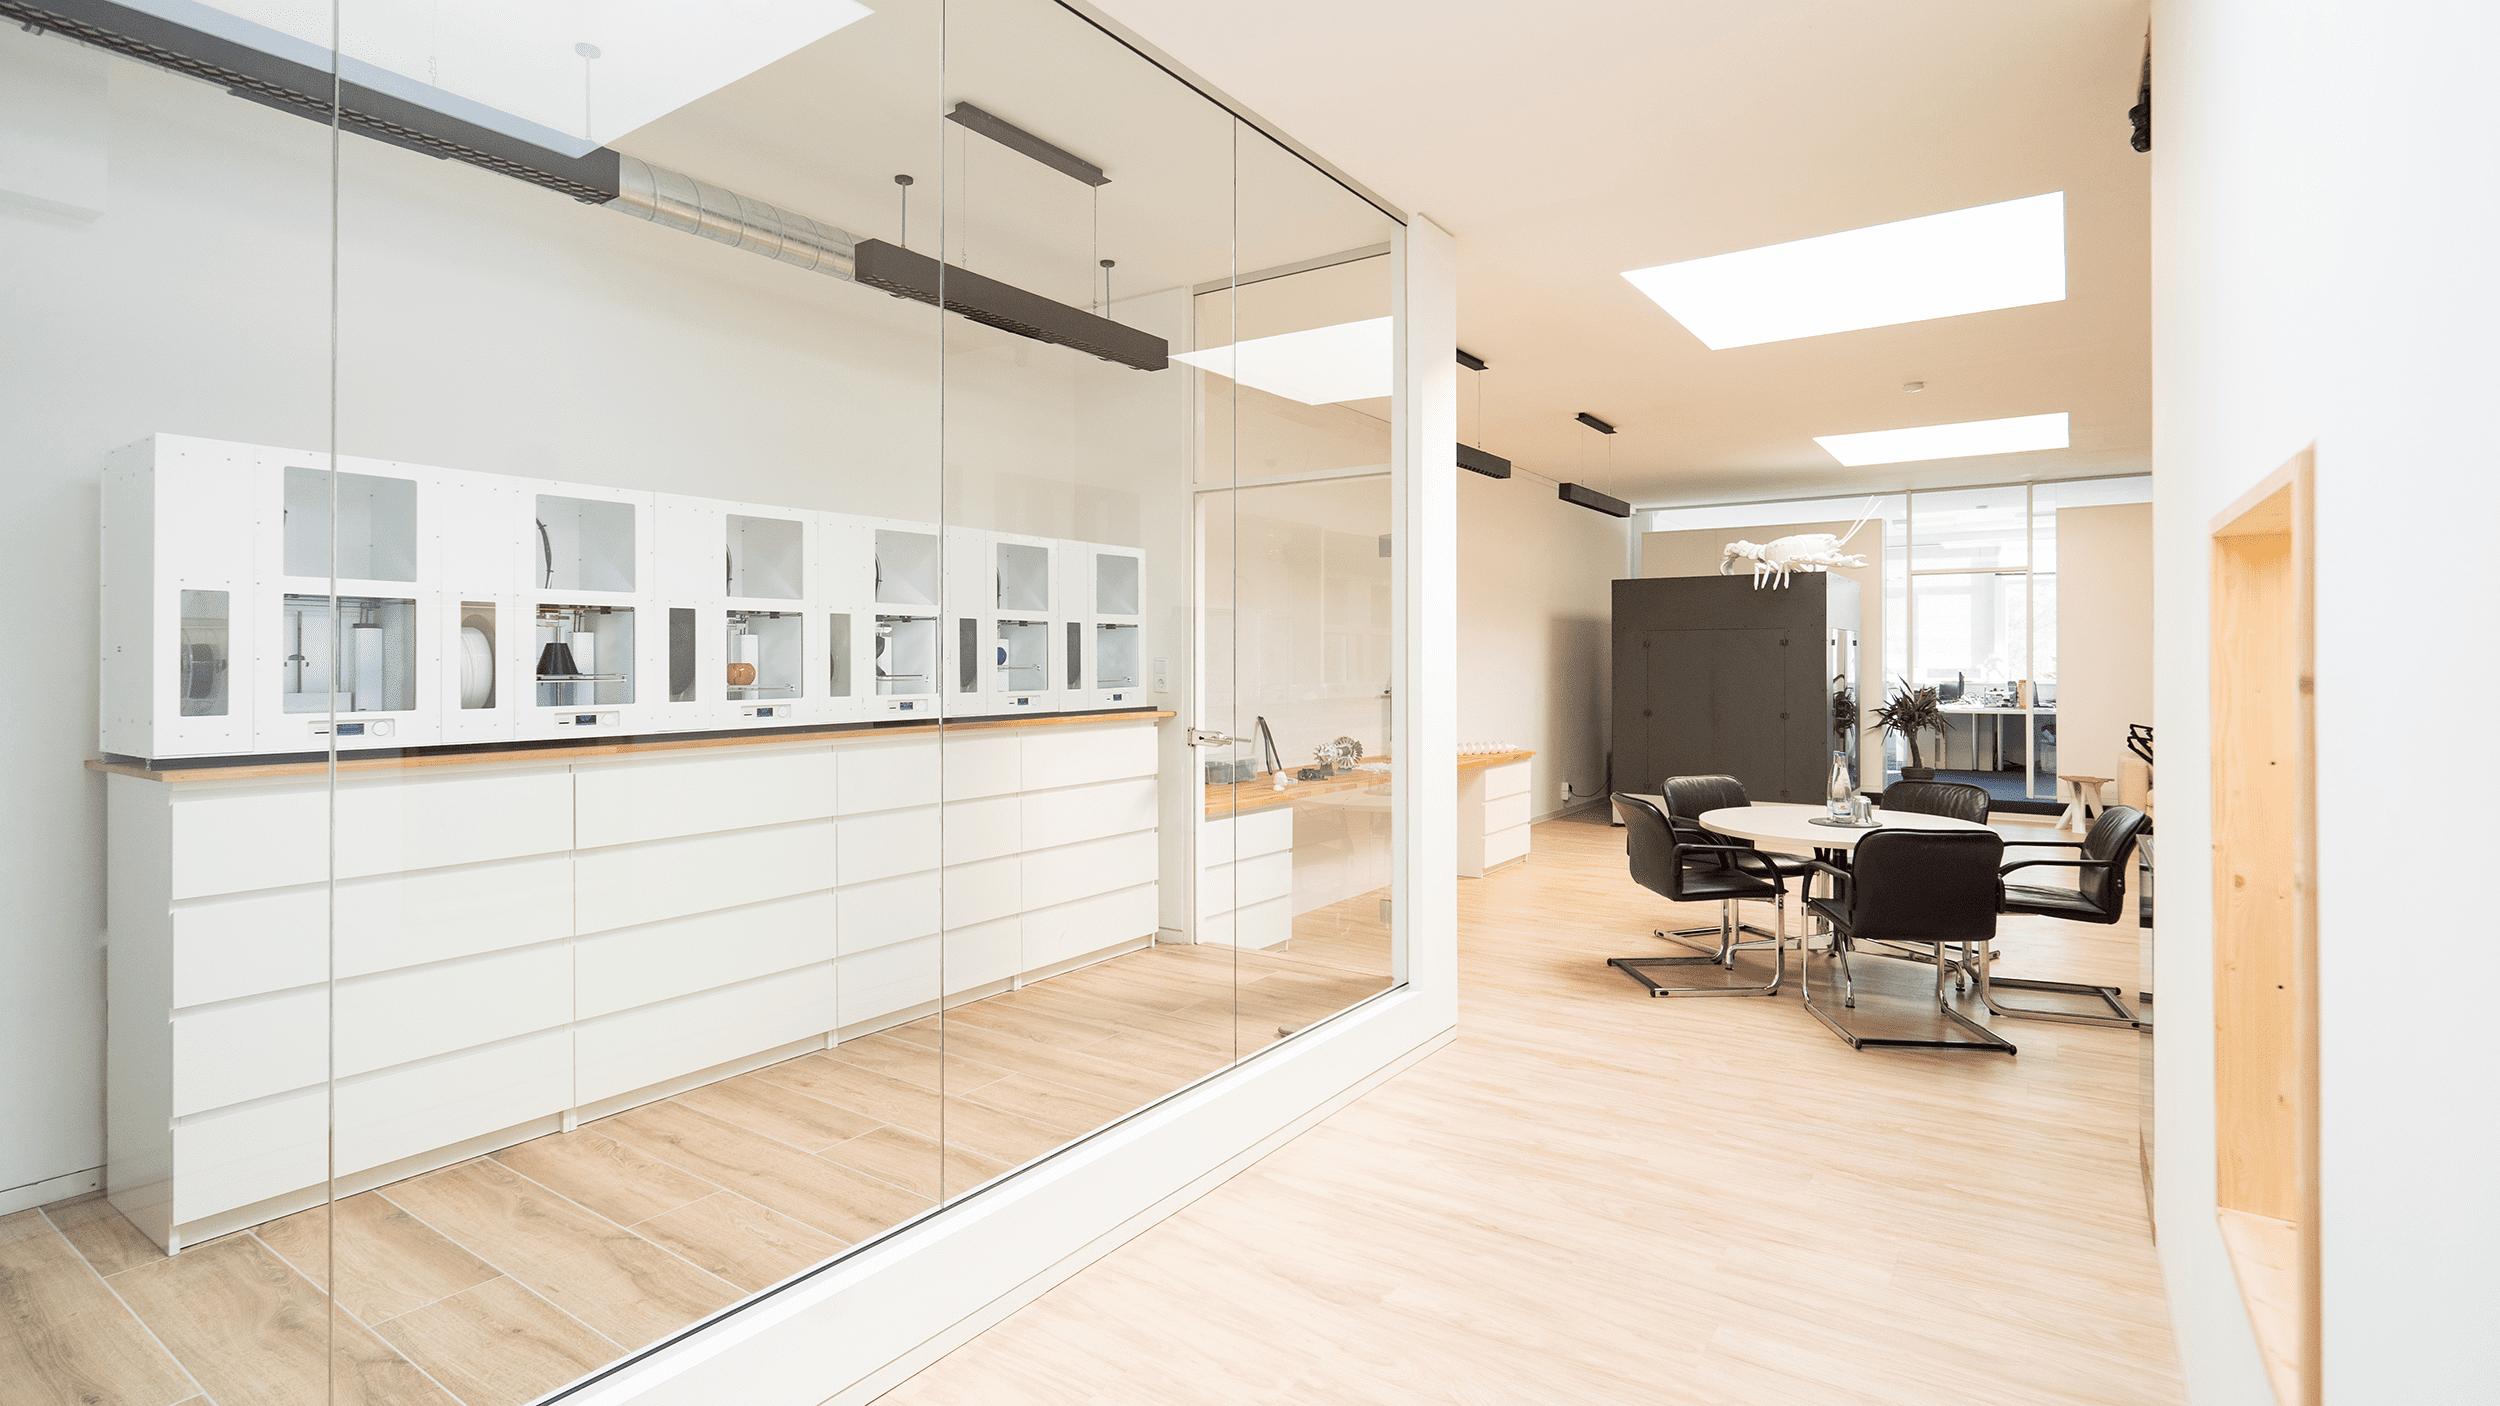 Büroräume eines 3D-Druck Dienstleisters und Service mit einigen 3D Druckern